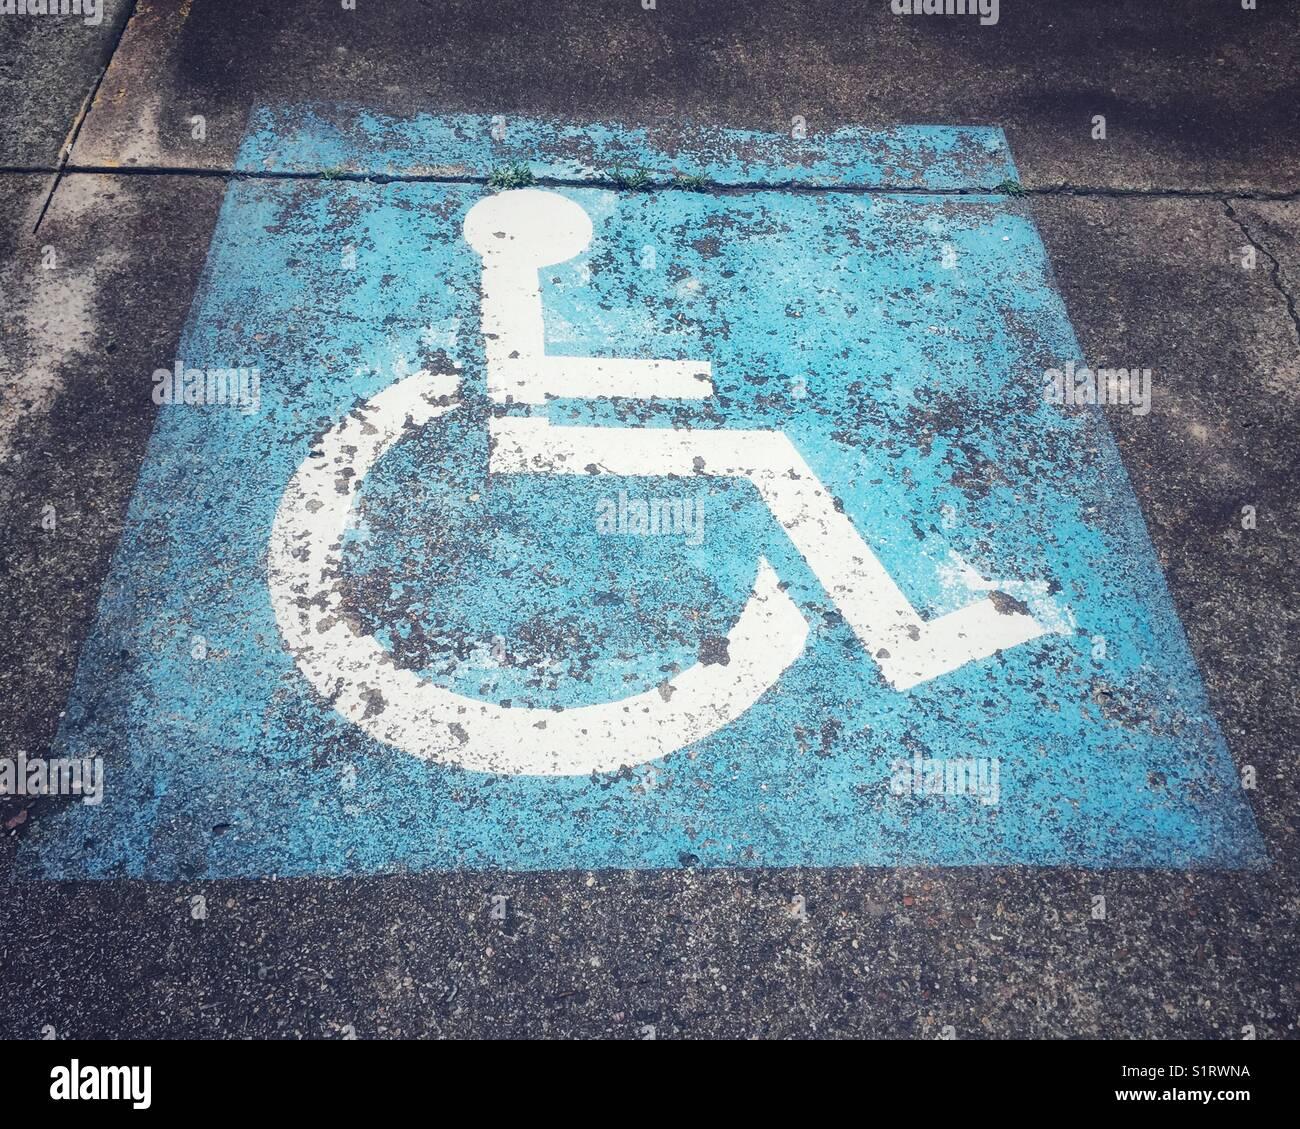 Rollstuhl symbol Schablone in Weiß auf Blau Platz im Parkhaus deaktivieren. closeup Kommunikation über Stockbild